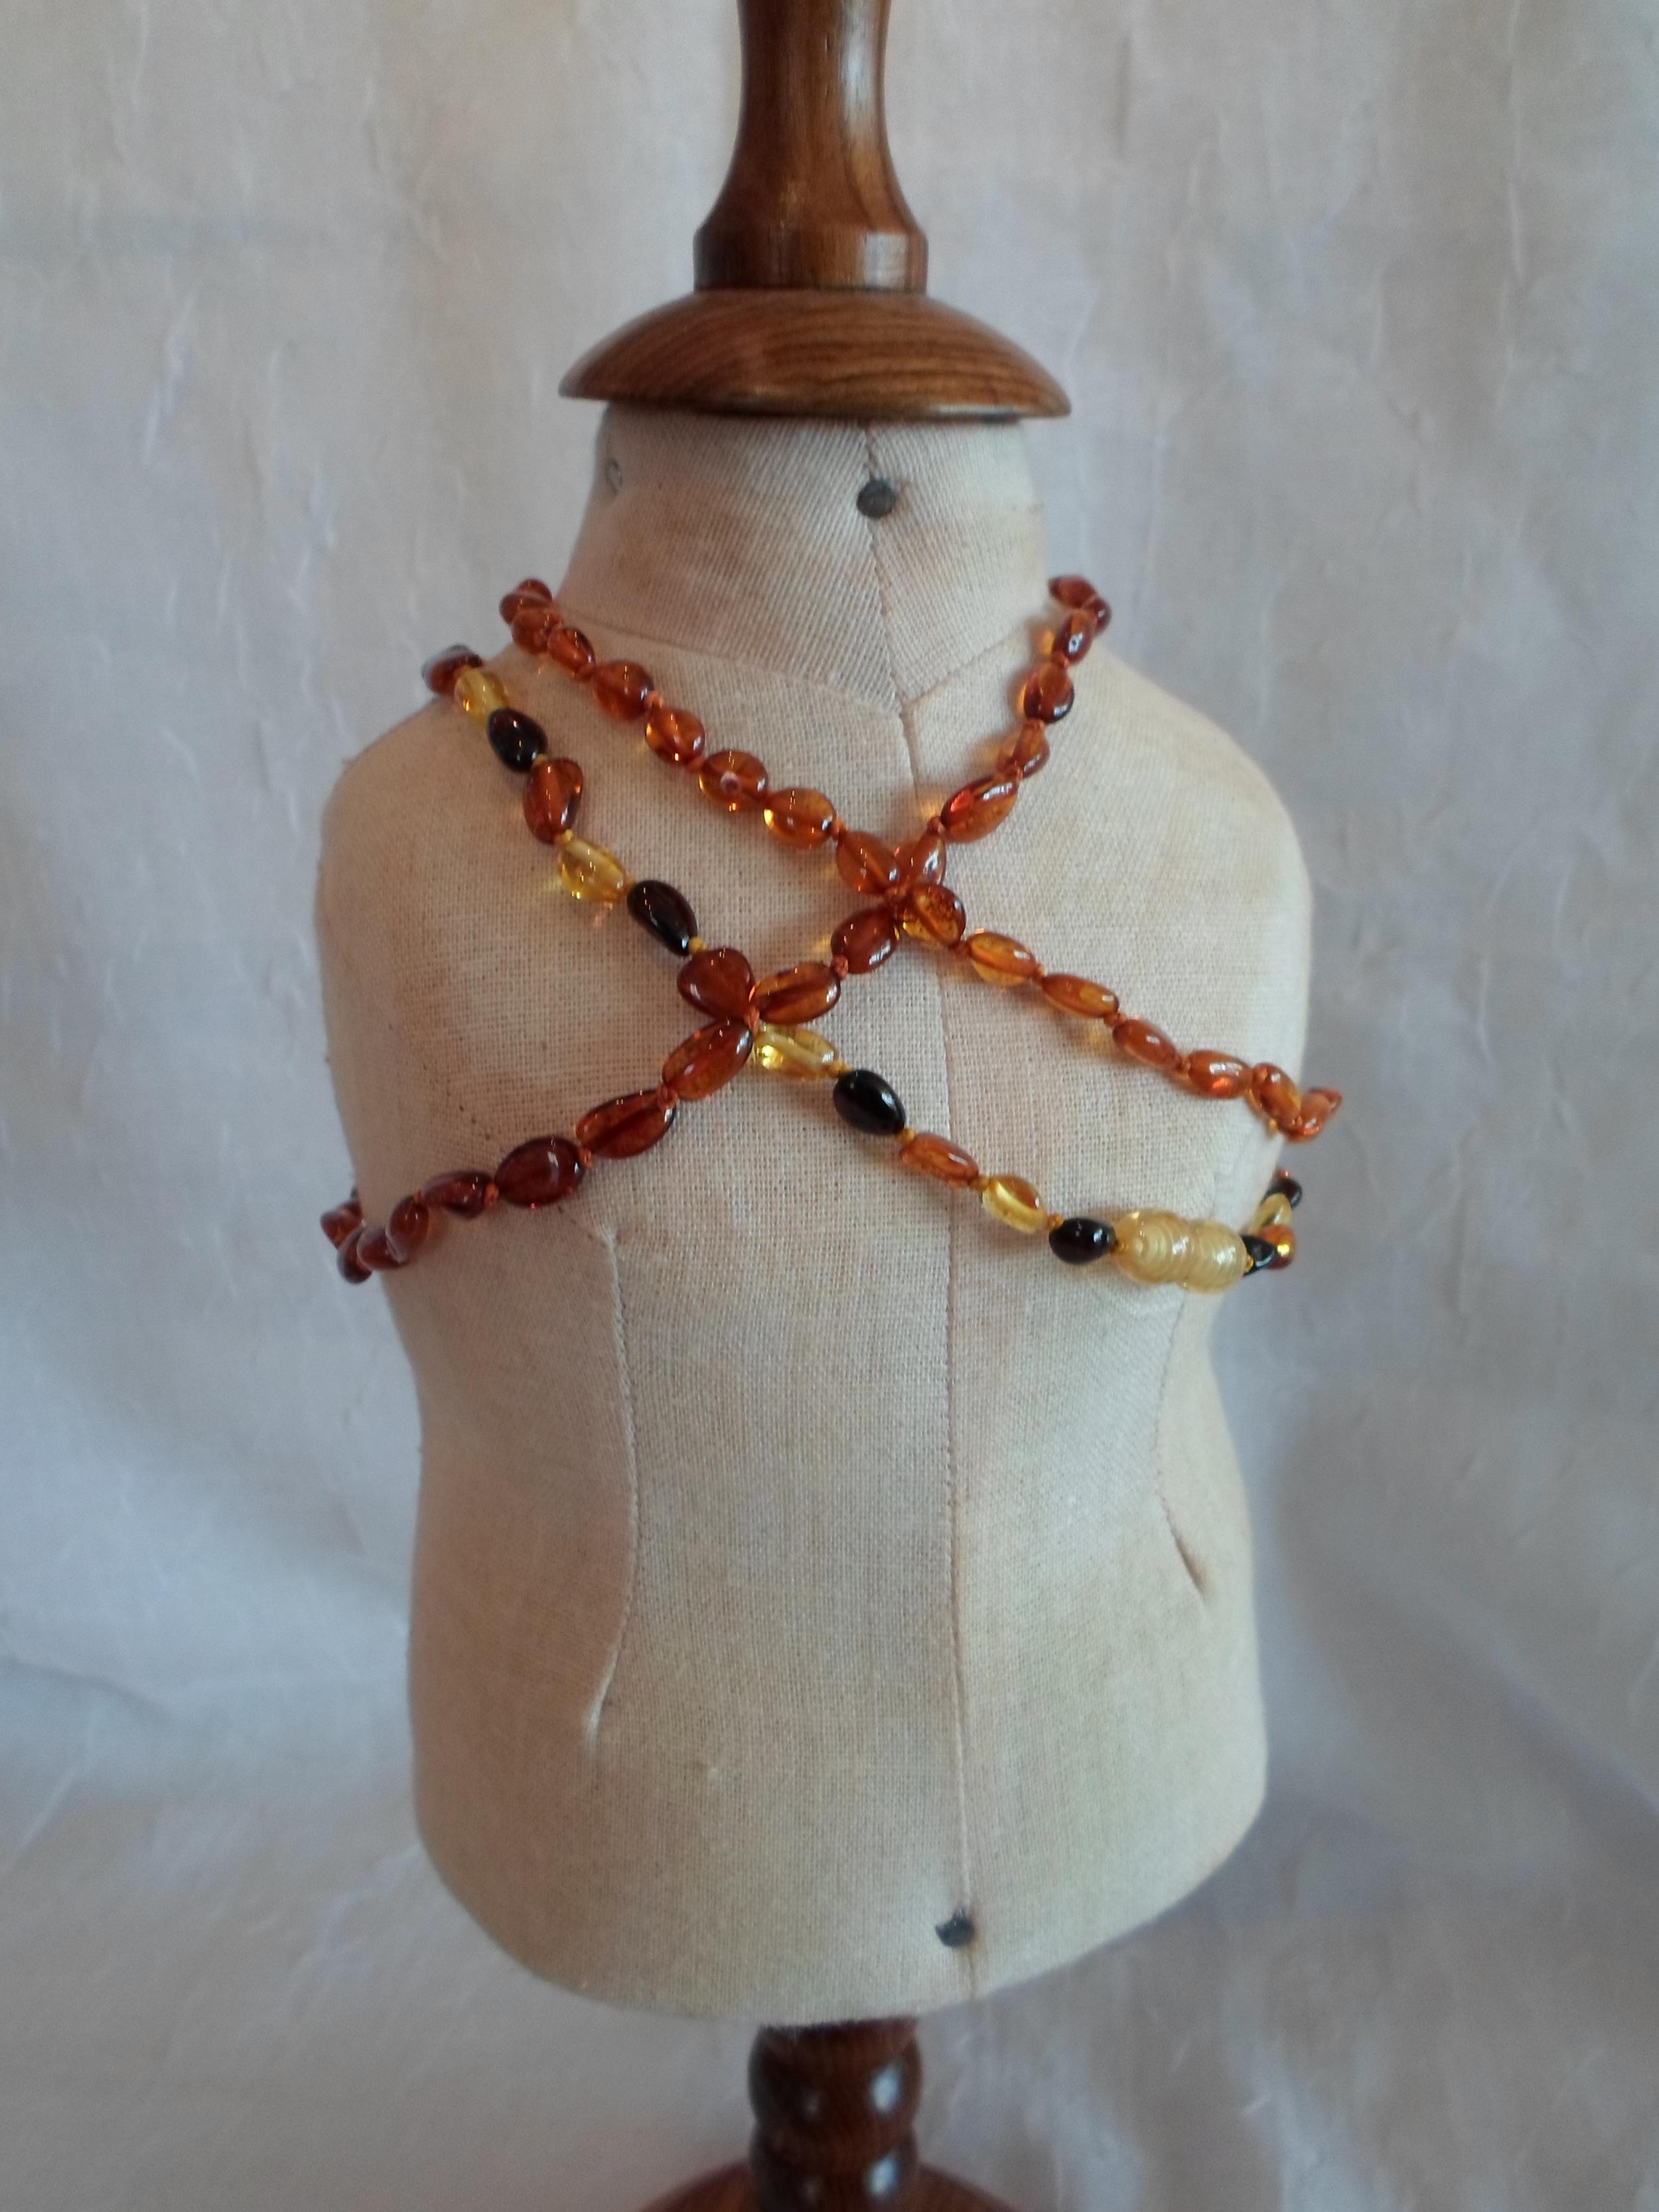 Amber teething Necklace    $23.00 ea    Wants 2